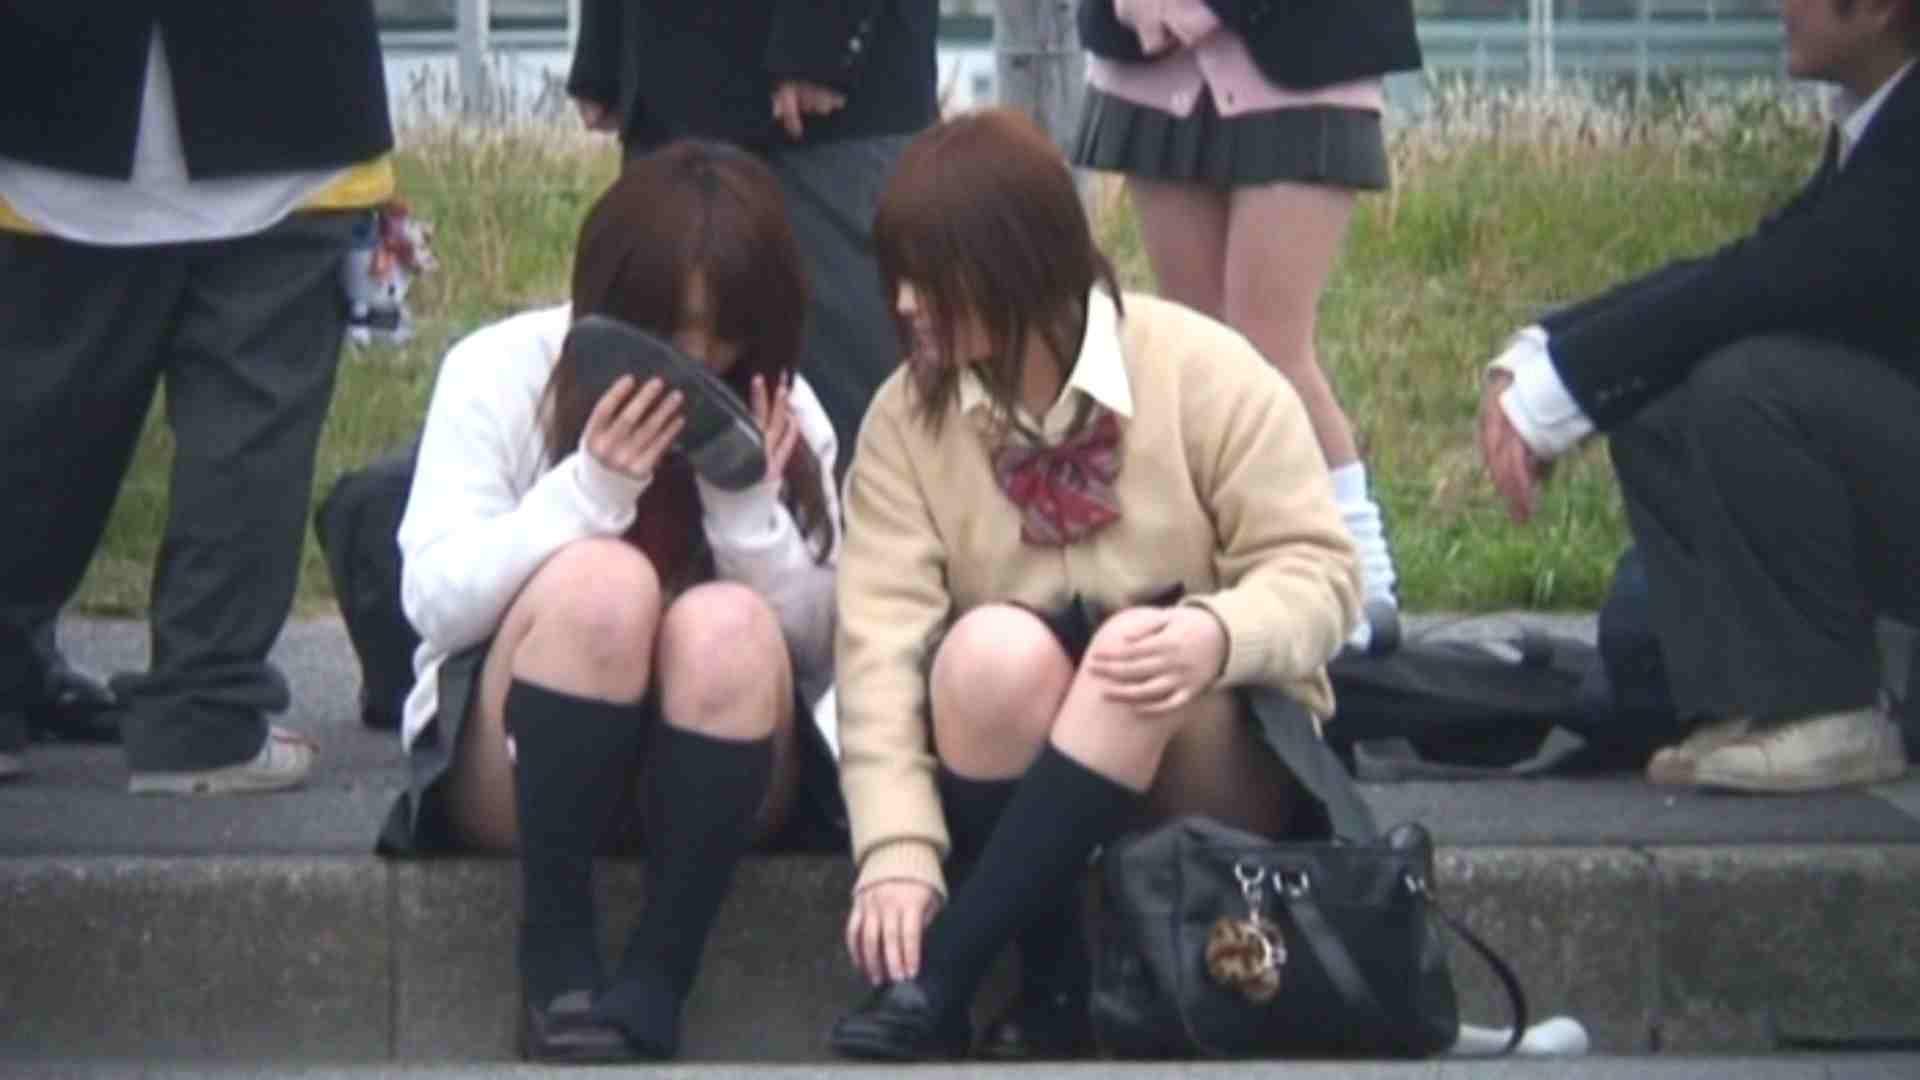 望遠パンチラNo10 学校潜伏 盗撮われめAV動画紹介 97pic 64